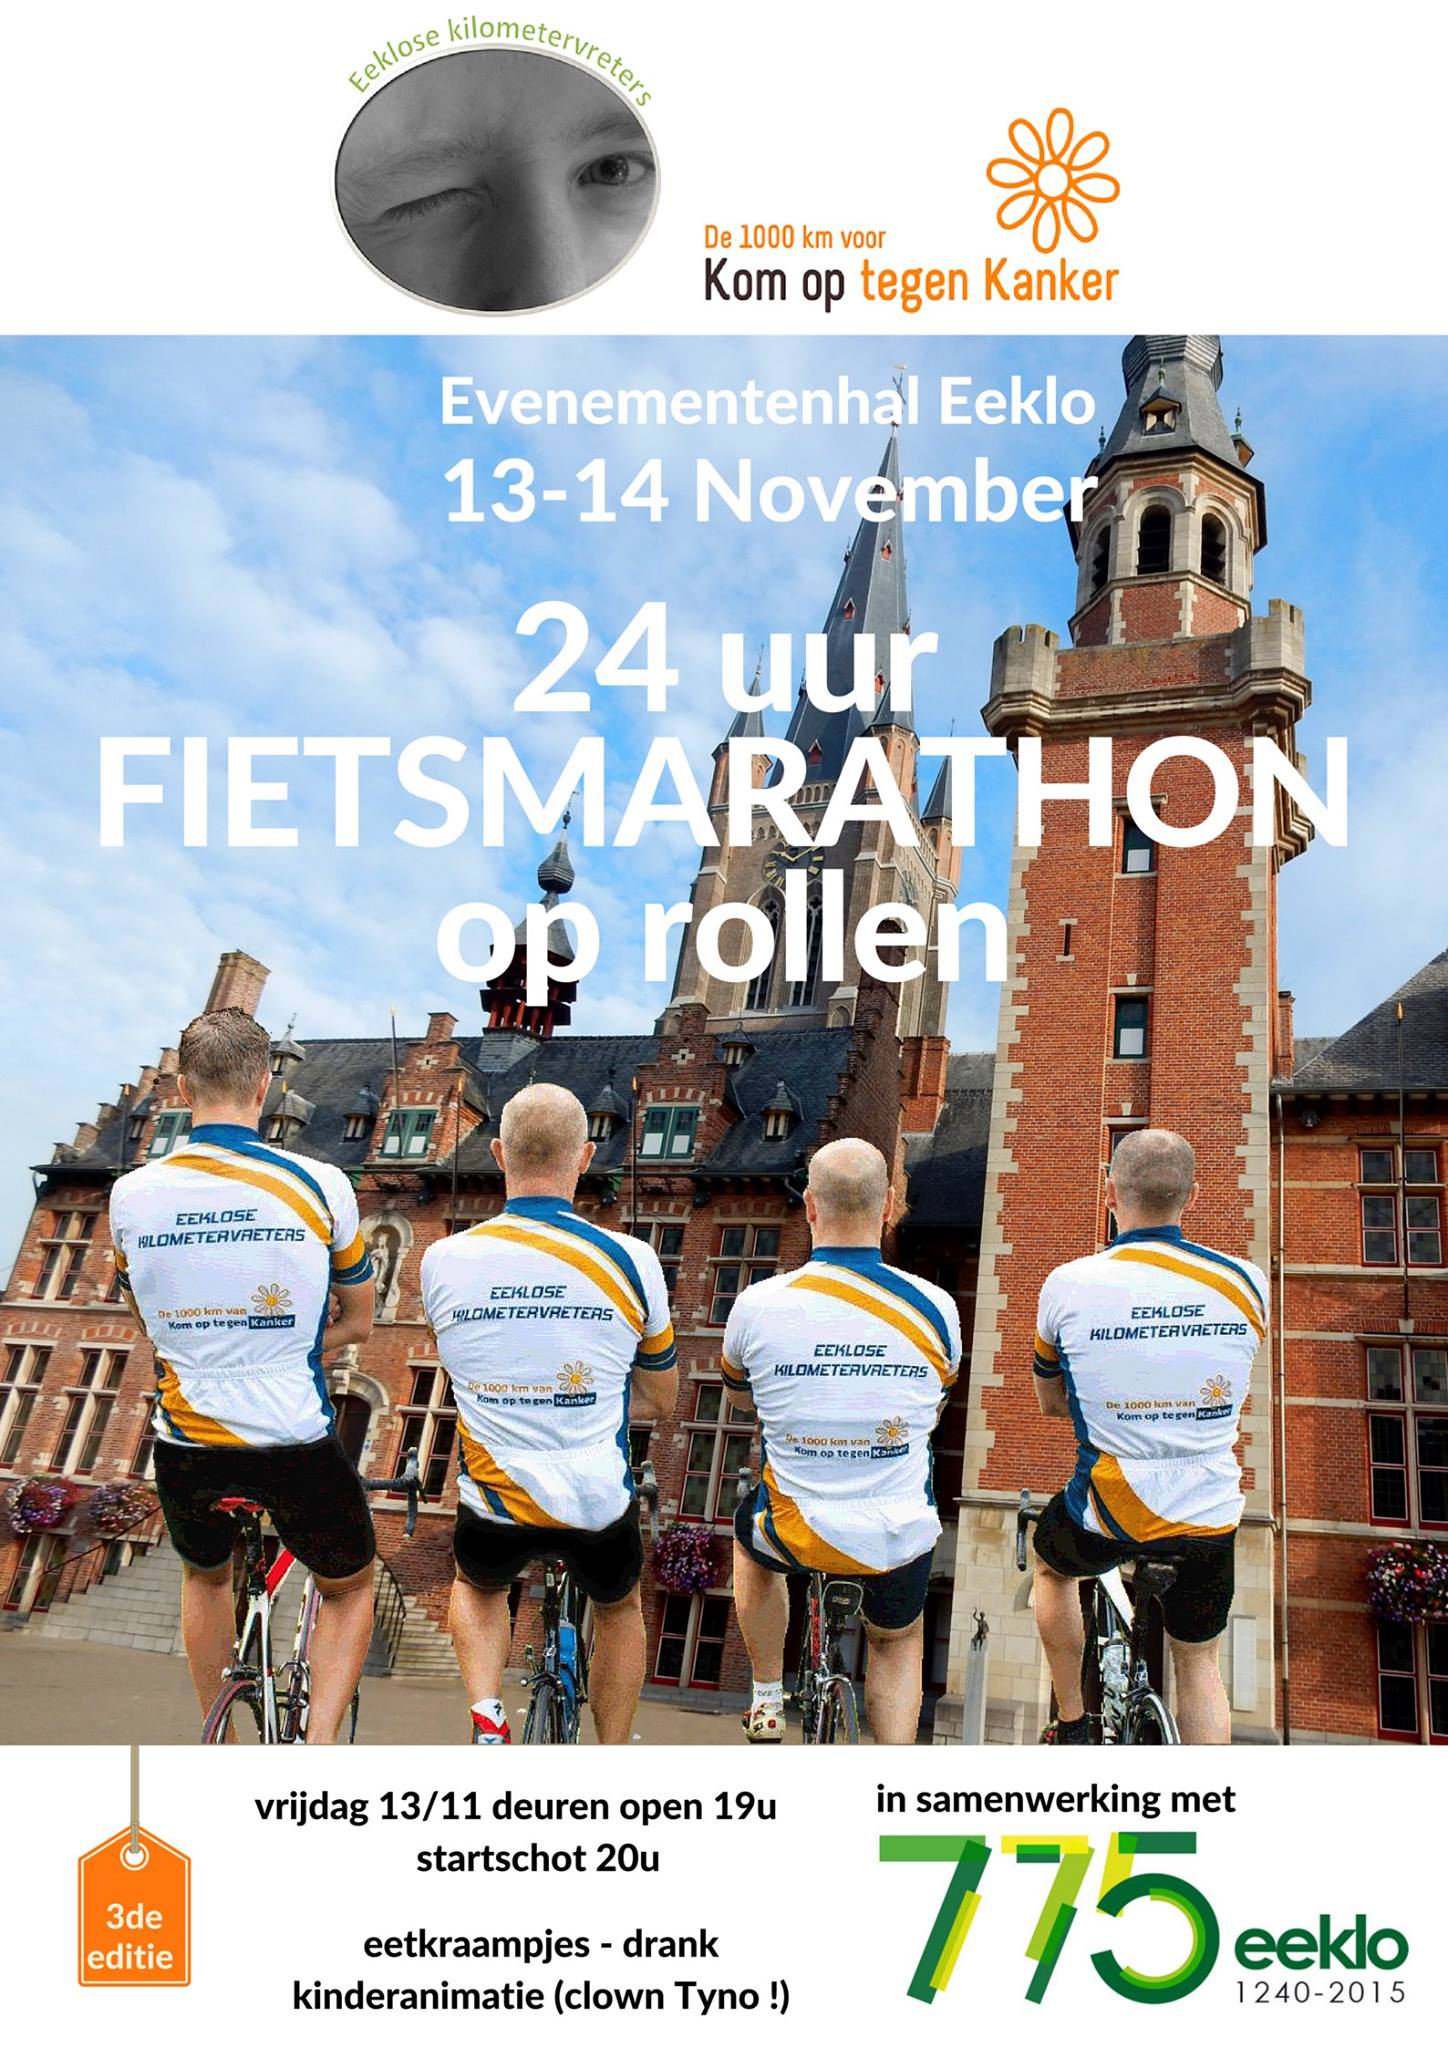 fietsmarathon voor Kom op tegen Kanker